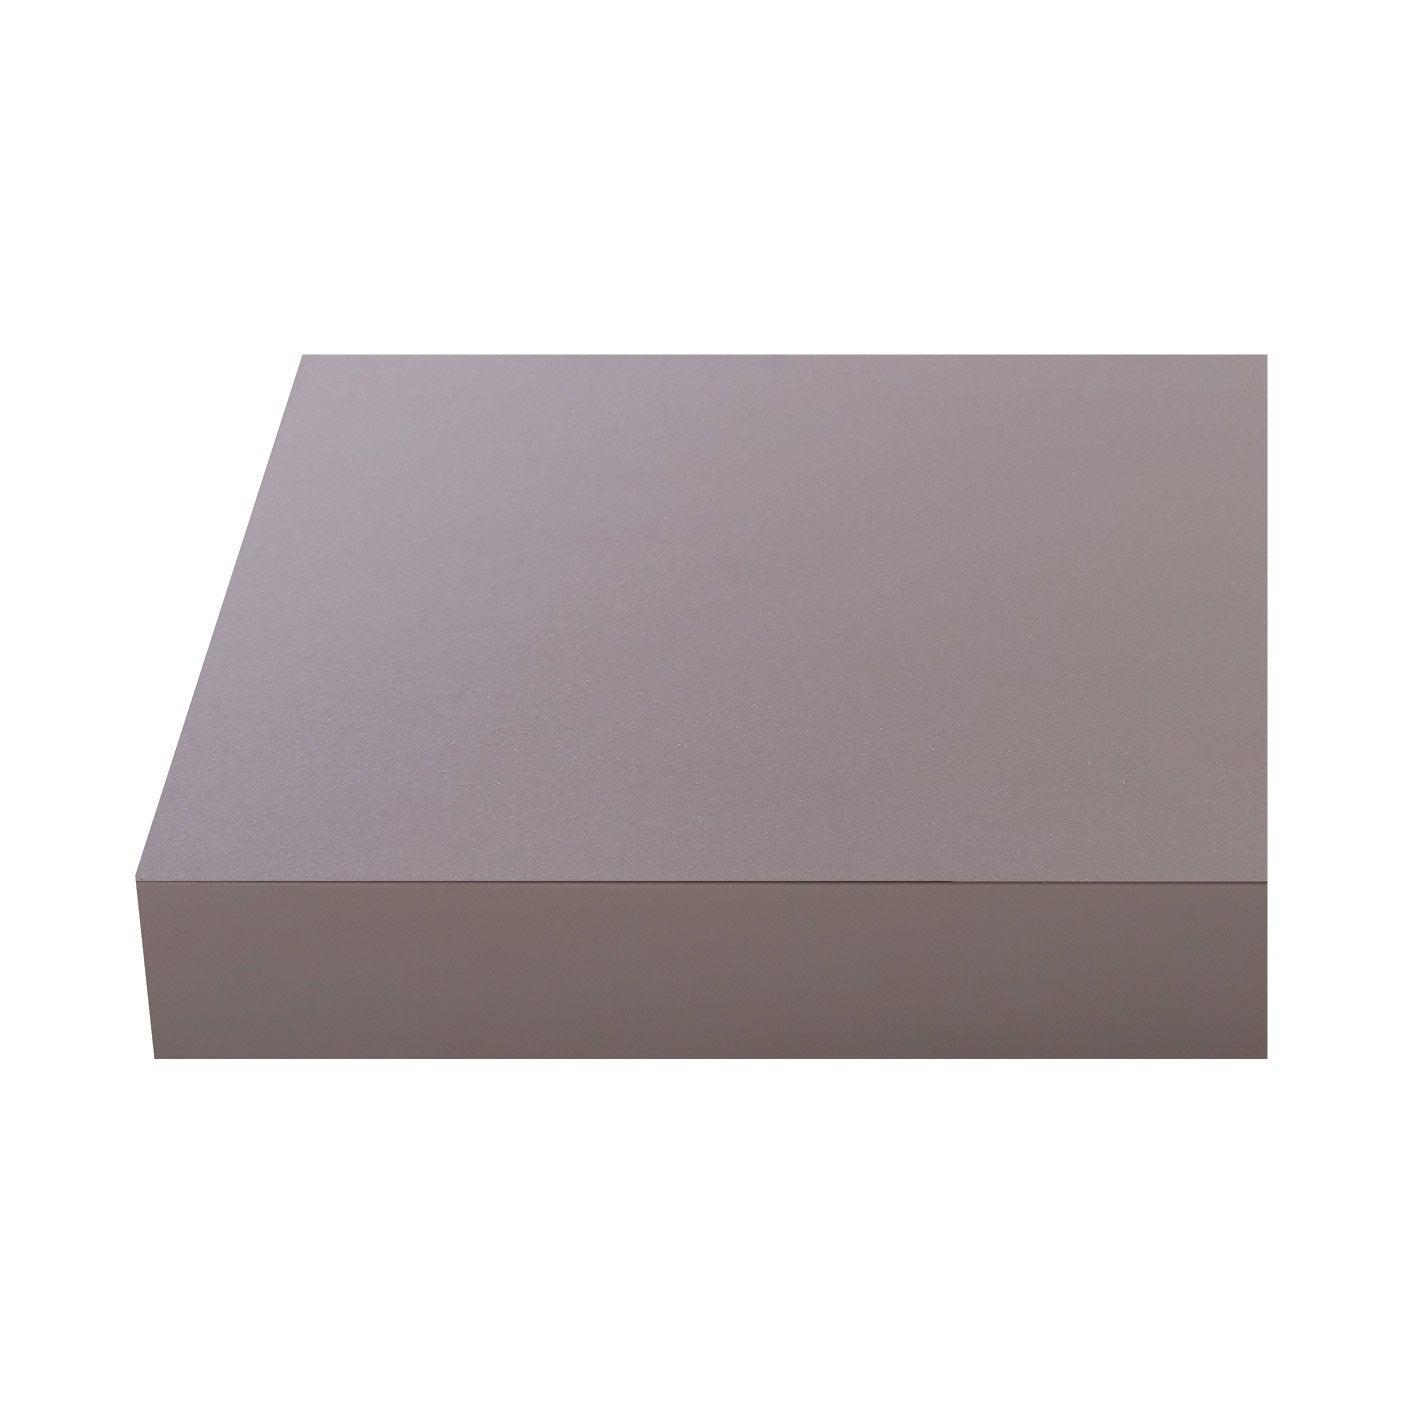 Plan de travail stratifié Granit 3 Mat L.300 x P.65 cm, Ep.38 mm